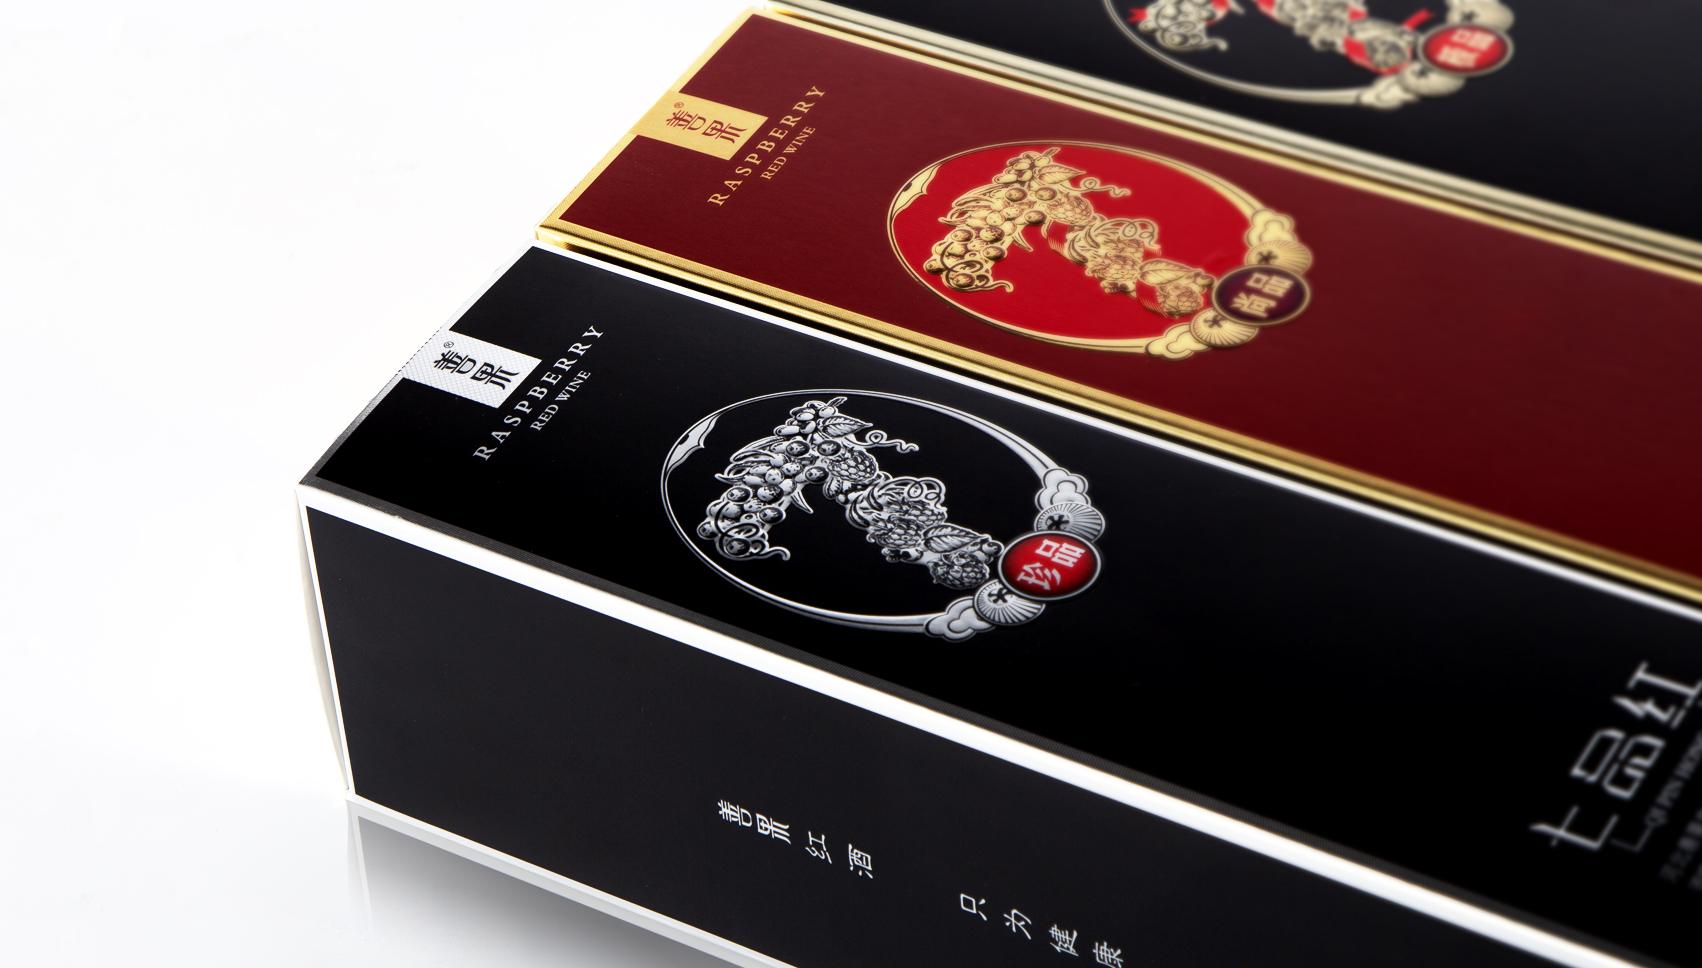 白酒包装,红酒包装,礼盒设计,包装策划,食品包装设计,酒包装设计,深圳包装设计,品牌包装设计,创意包装设计,深圳酒包装